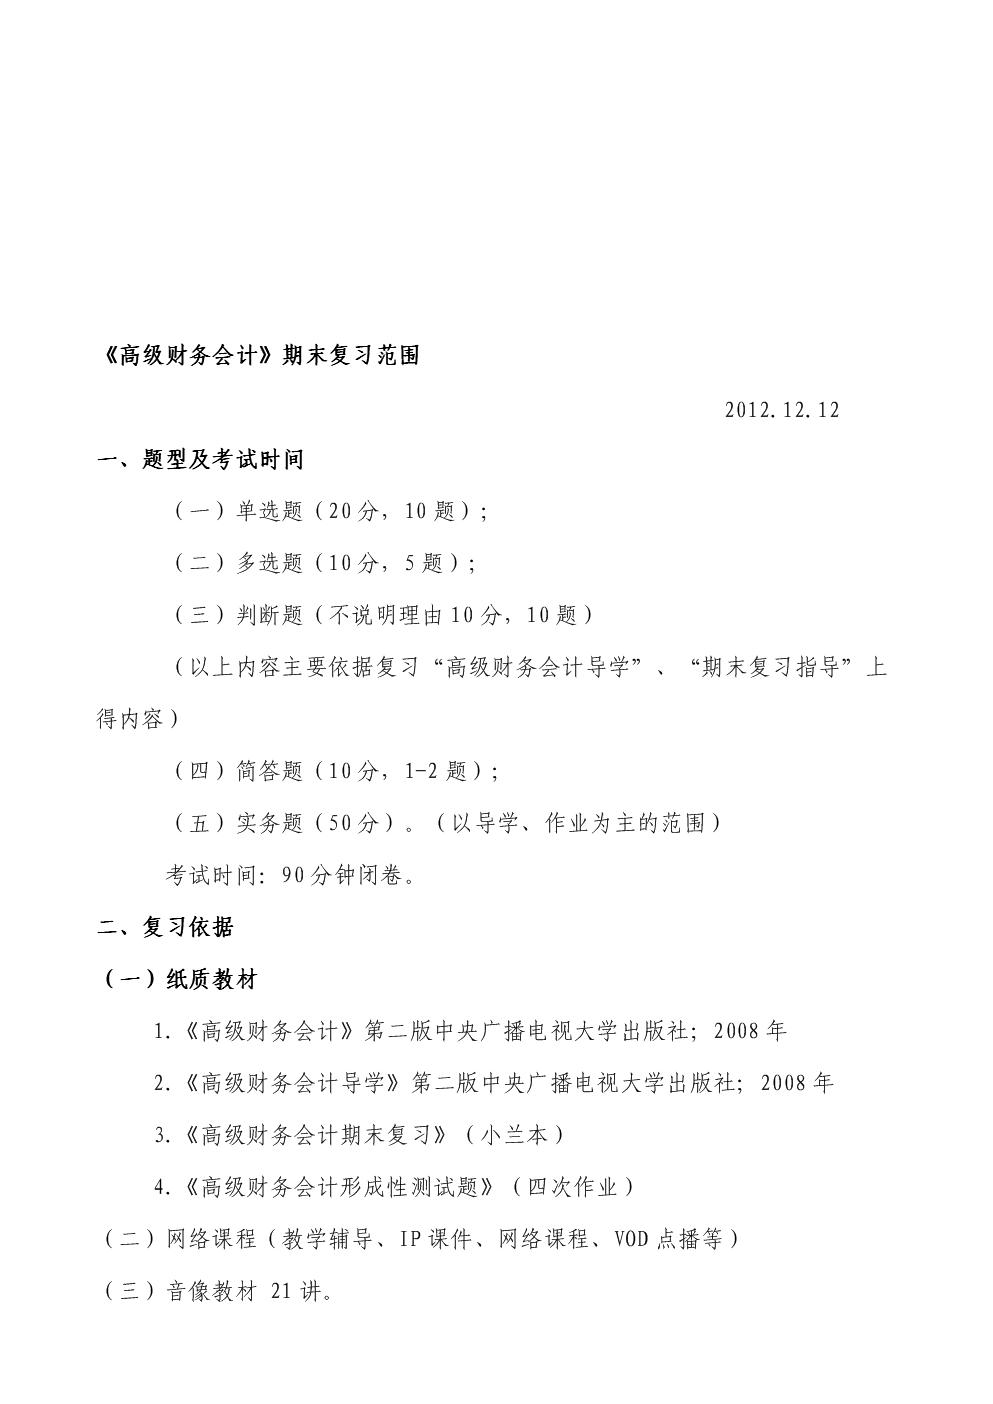 高级财务会计期末复习范围(2012.12.).doc